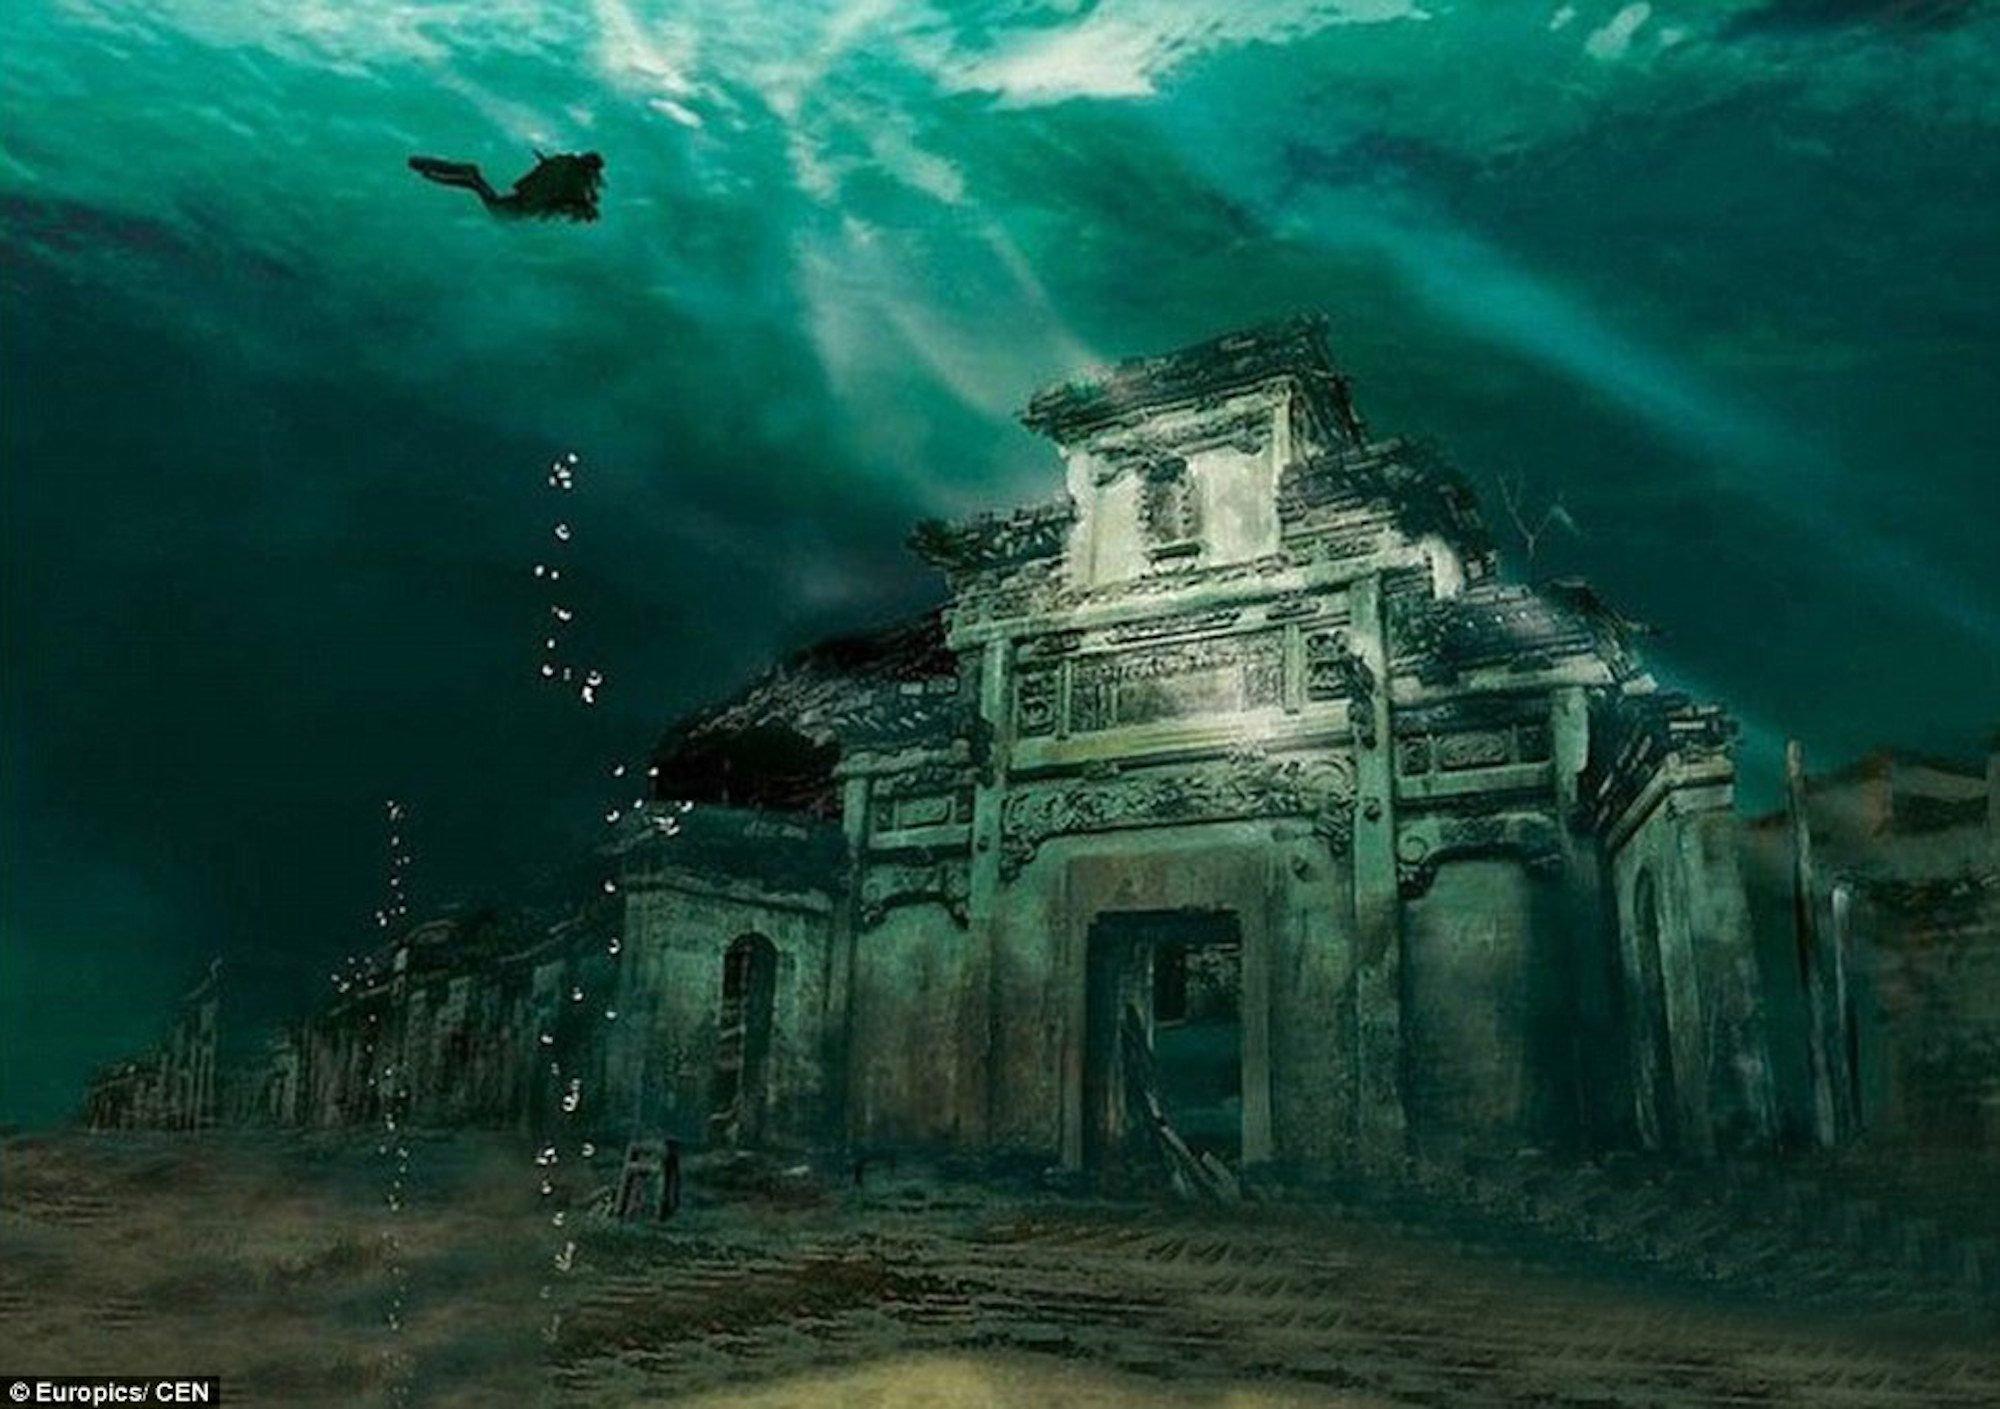 印度发现的万年前壁画中,惊现外星人和UFO!他们真来过地球?  印度 外星人 UFO 第12张